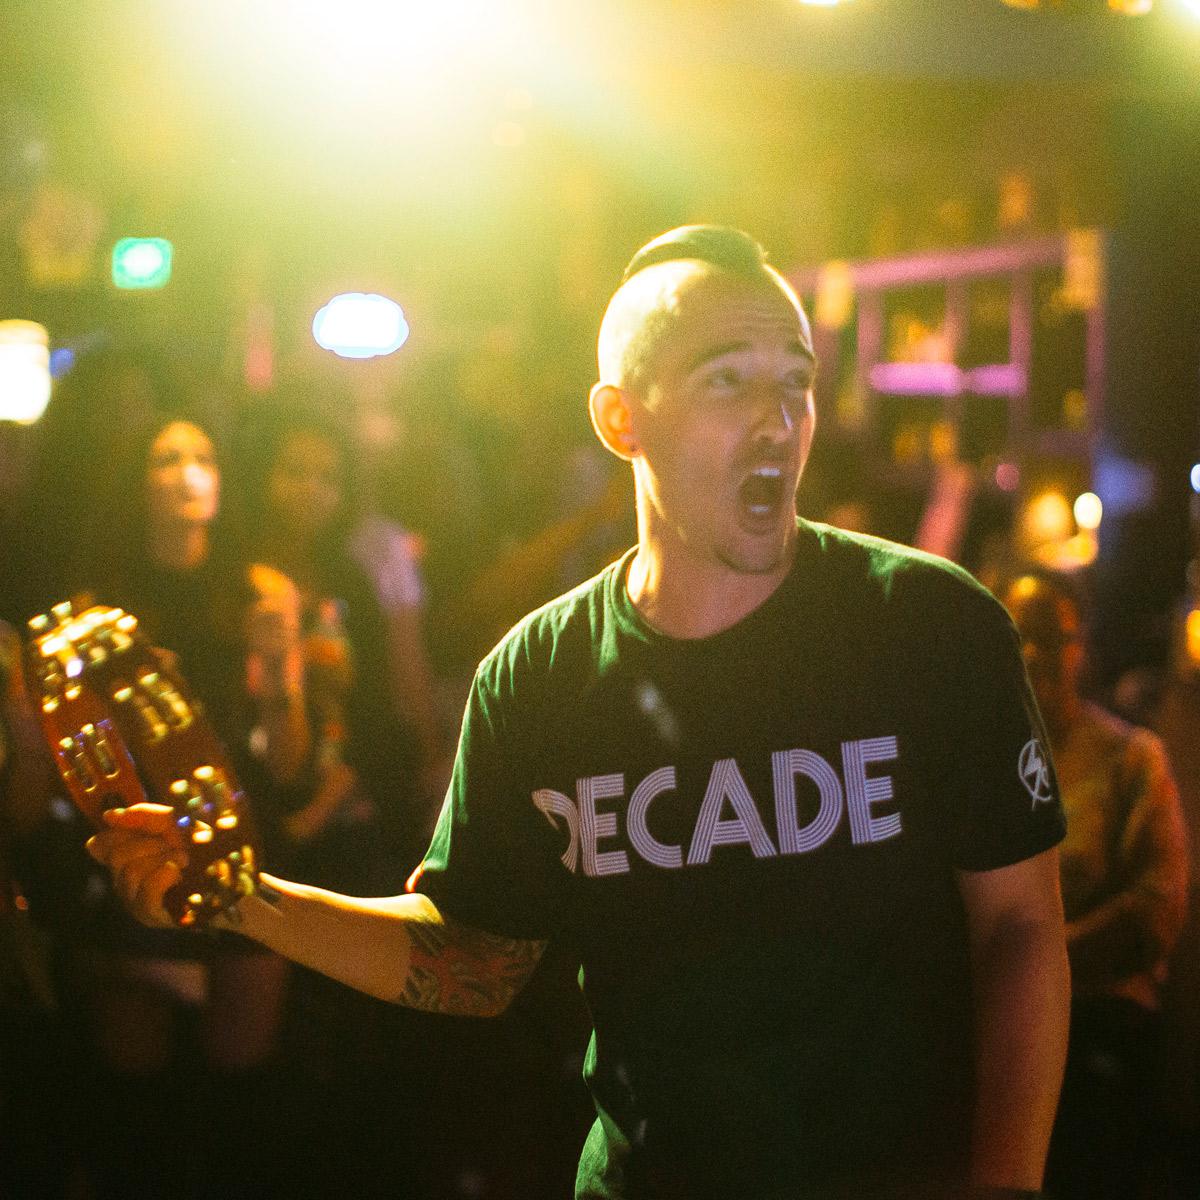 DJ Roueche